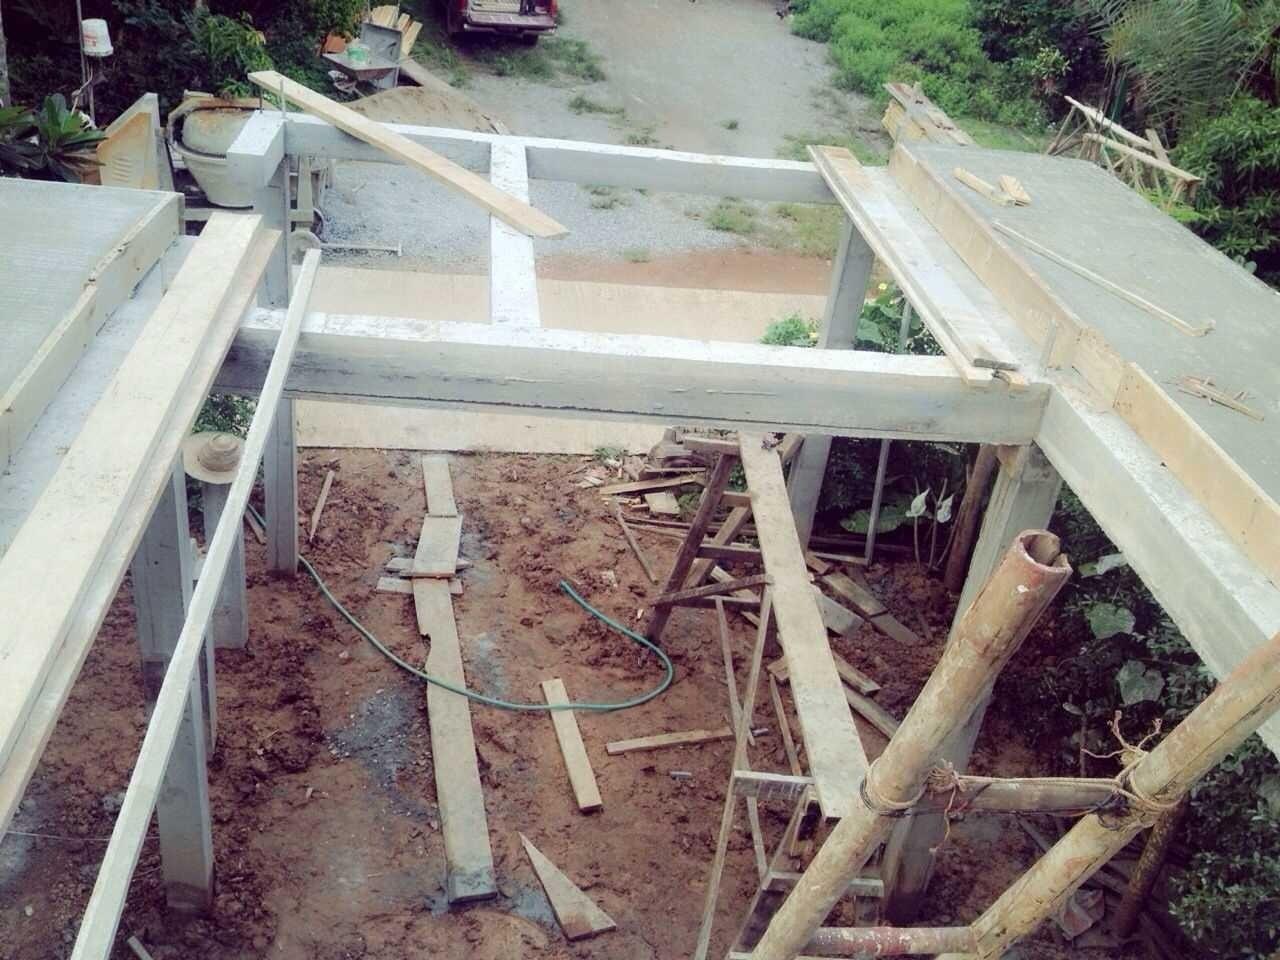 งบ 2 แสนบาท สร้างบ้านใหม่(บ้านไม้) ต่างจังหวัดน่าอยู่และพอเพียง